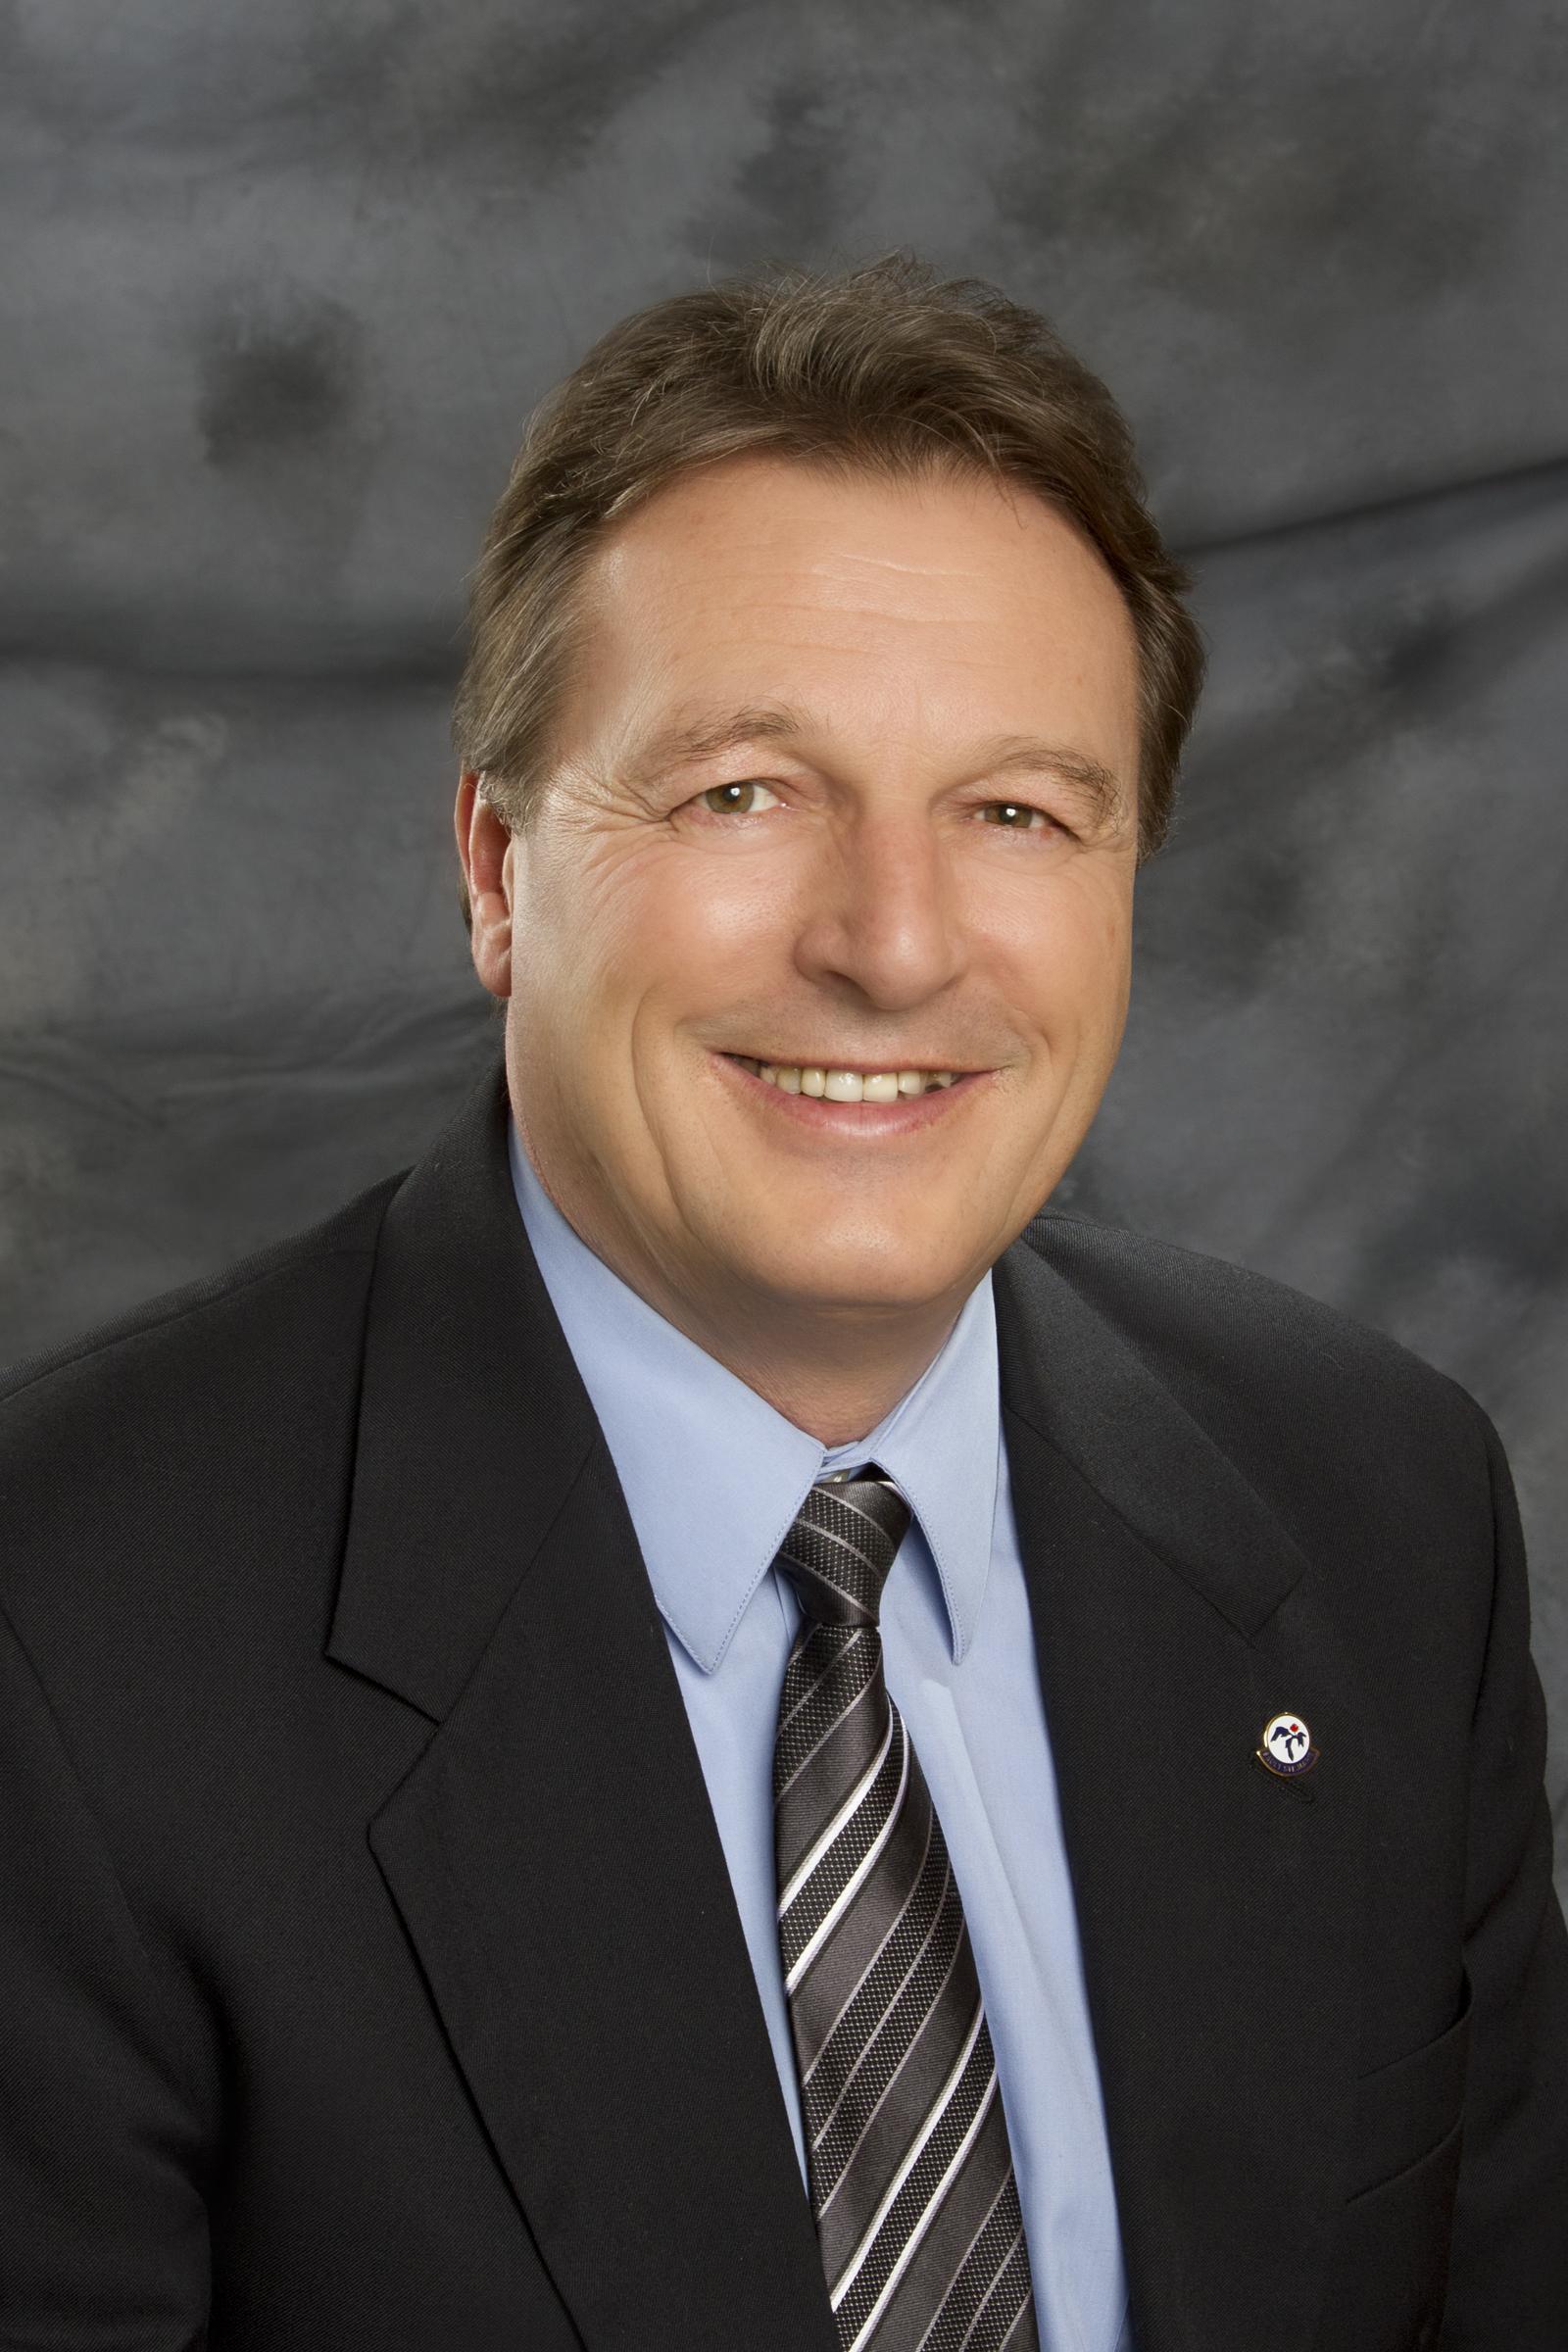 Joe Krmpotich